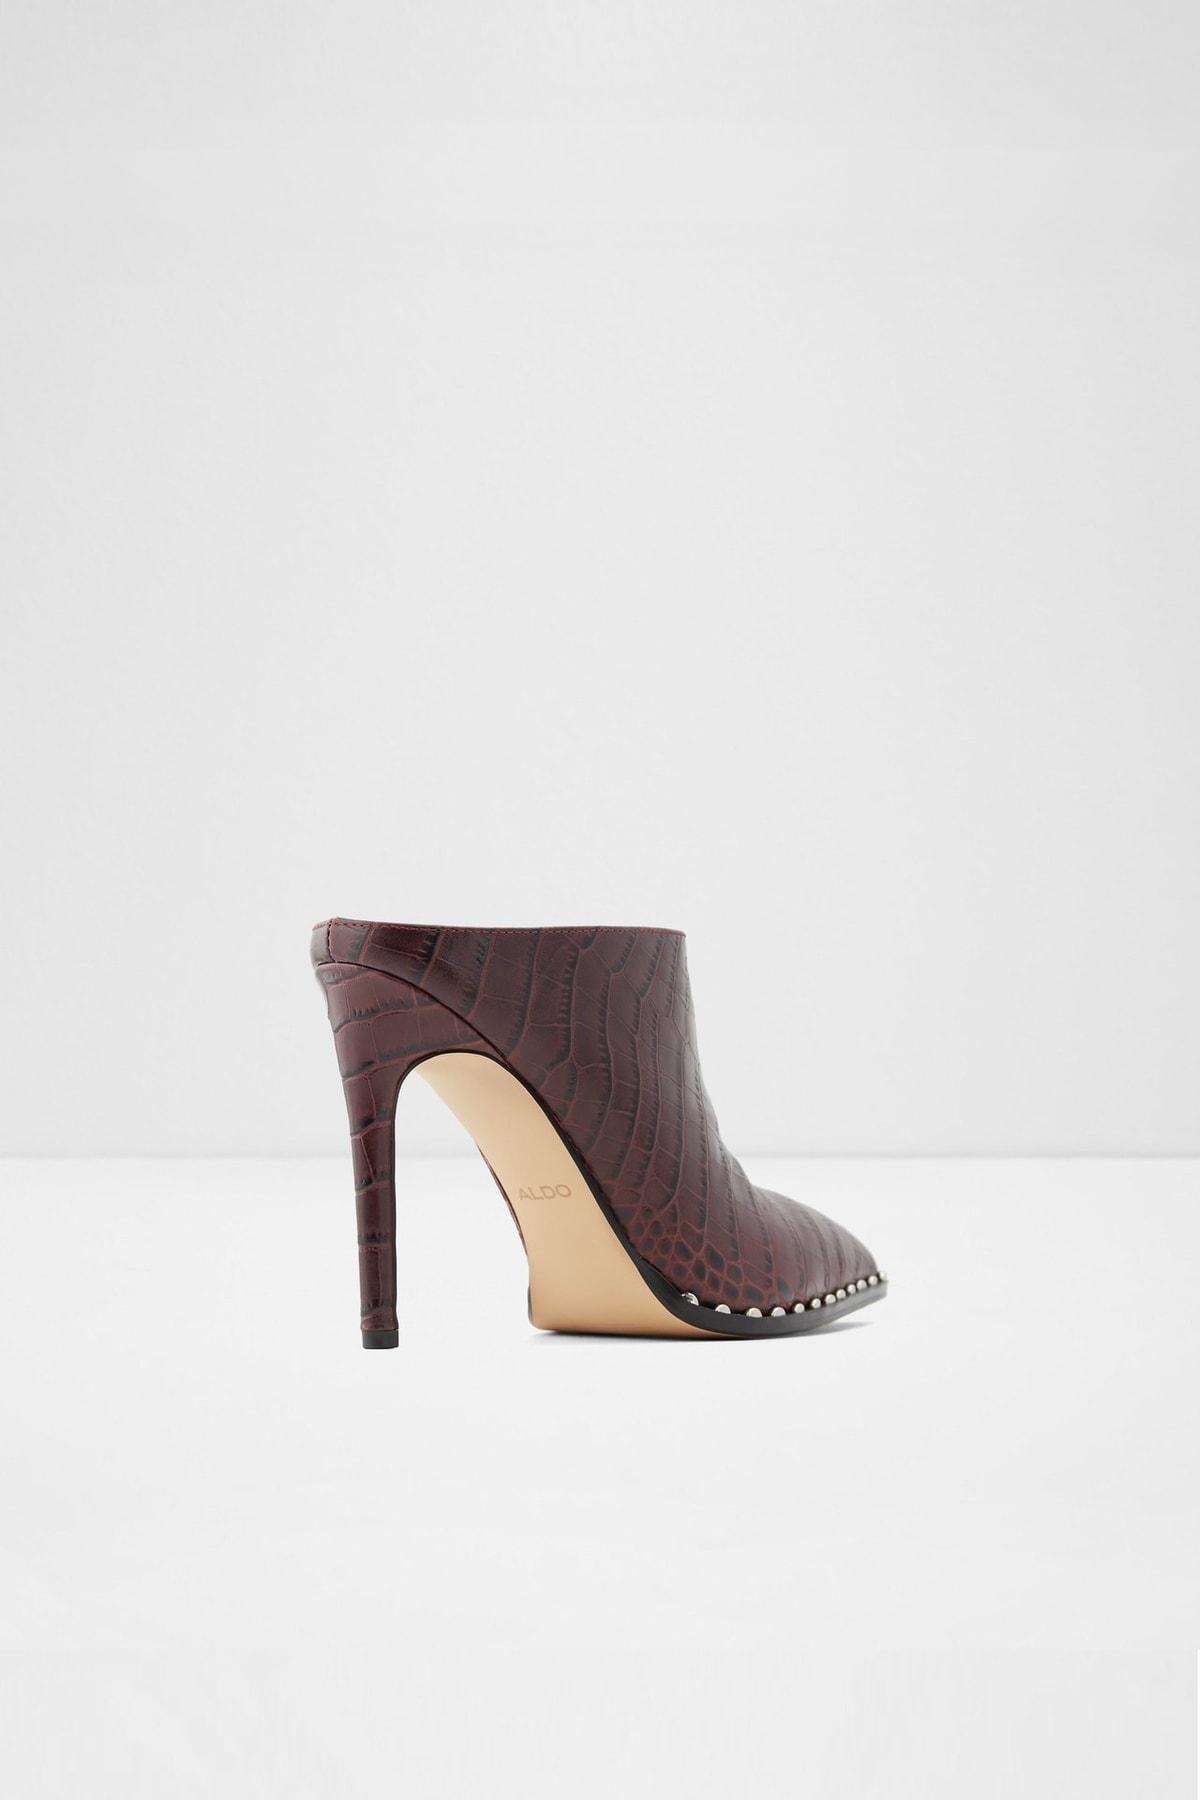 Aldo Gwelısa - Bordo Kadın Topuklu Ayakkabı 2